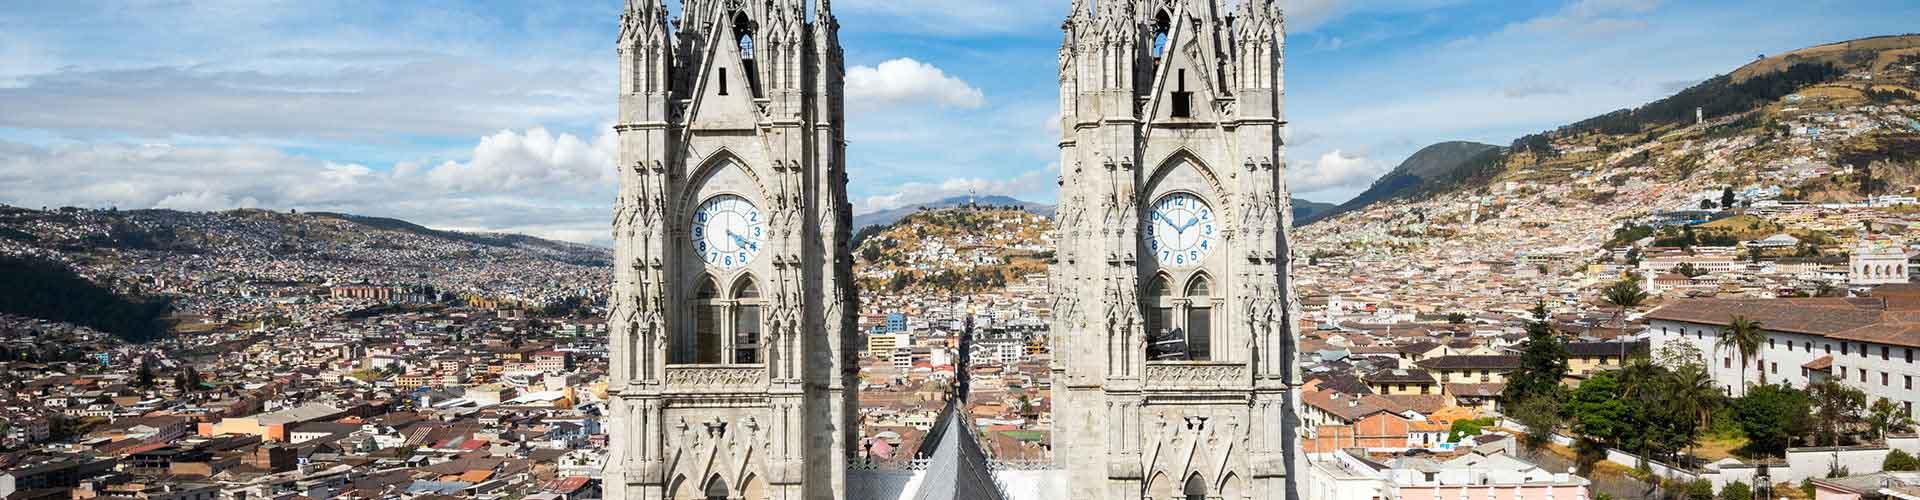 Quito – Hostels in Quito. Karten für Quito. Fotos und Bewertungen für jedes Hostel in Quito.